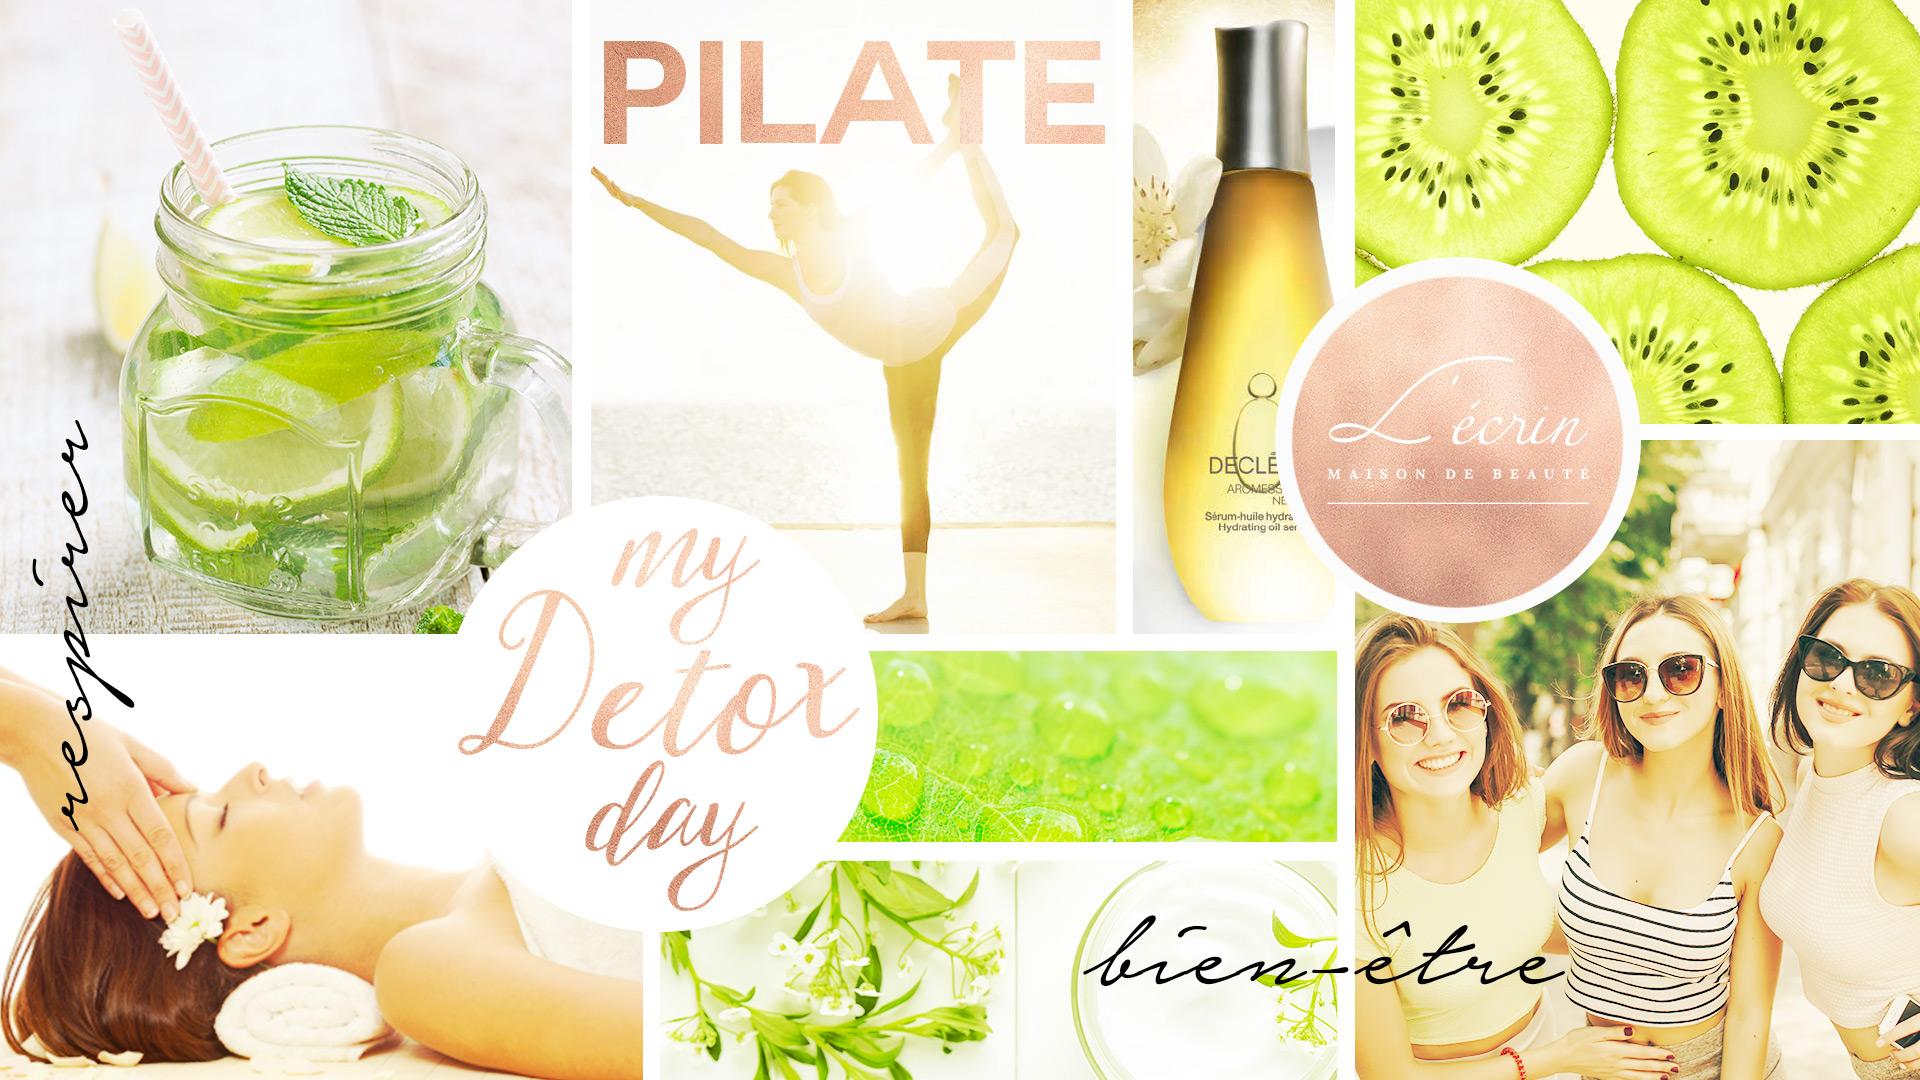 My Detox Day : évènement du 17 Juin 2017 qui allie pilate et soin beauté